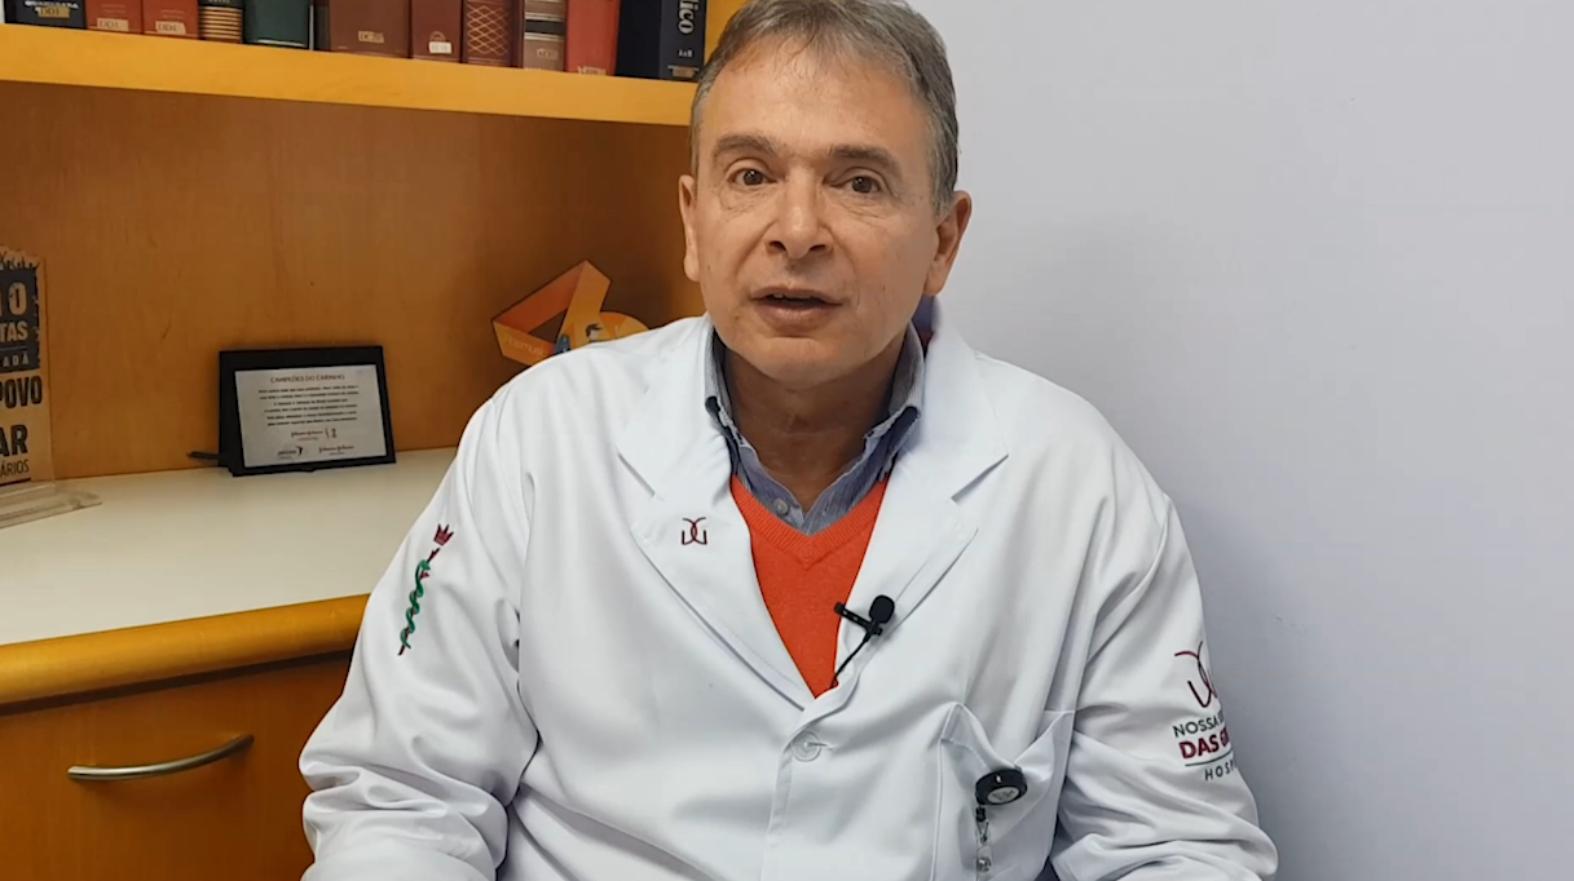 Cirurgião Torácico fala sobre deformidade denominada peito de pombo - Hospital Nossa Senhora da Graça